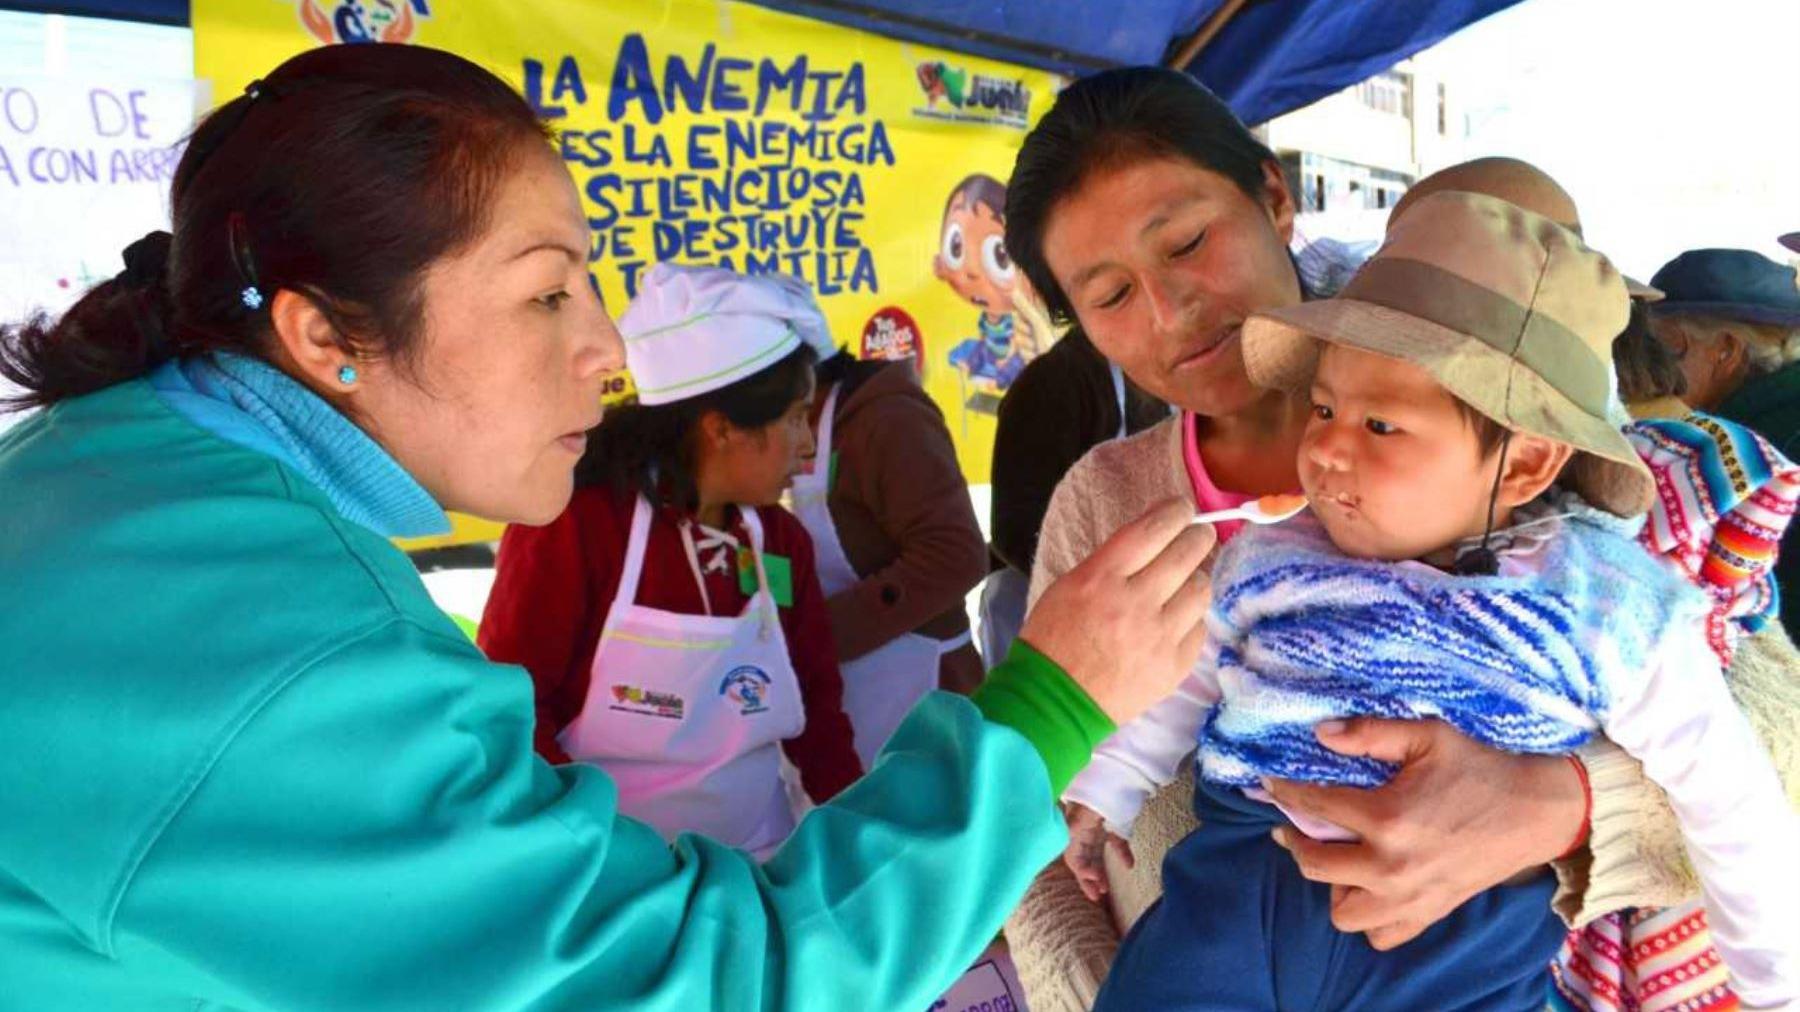 Según el INEI, la anemia de 6 meses a tres años de edad registró el año pasado una incidencia de 40.1%.